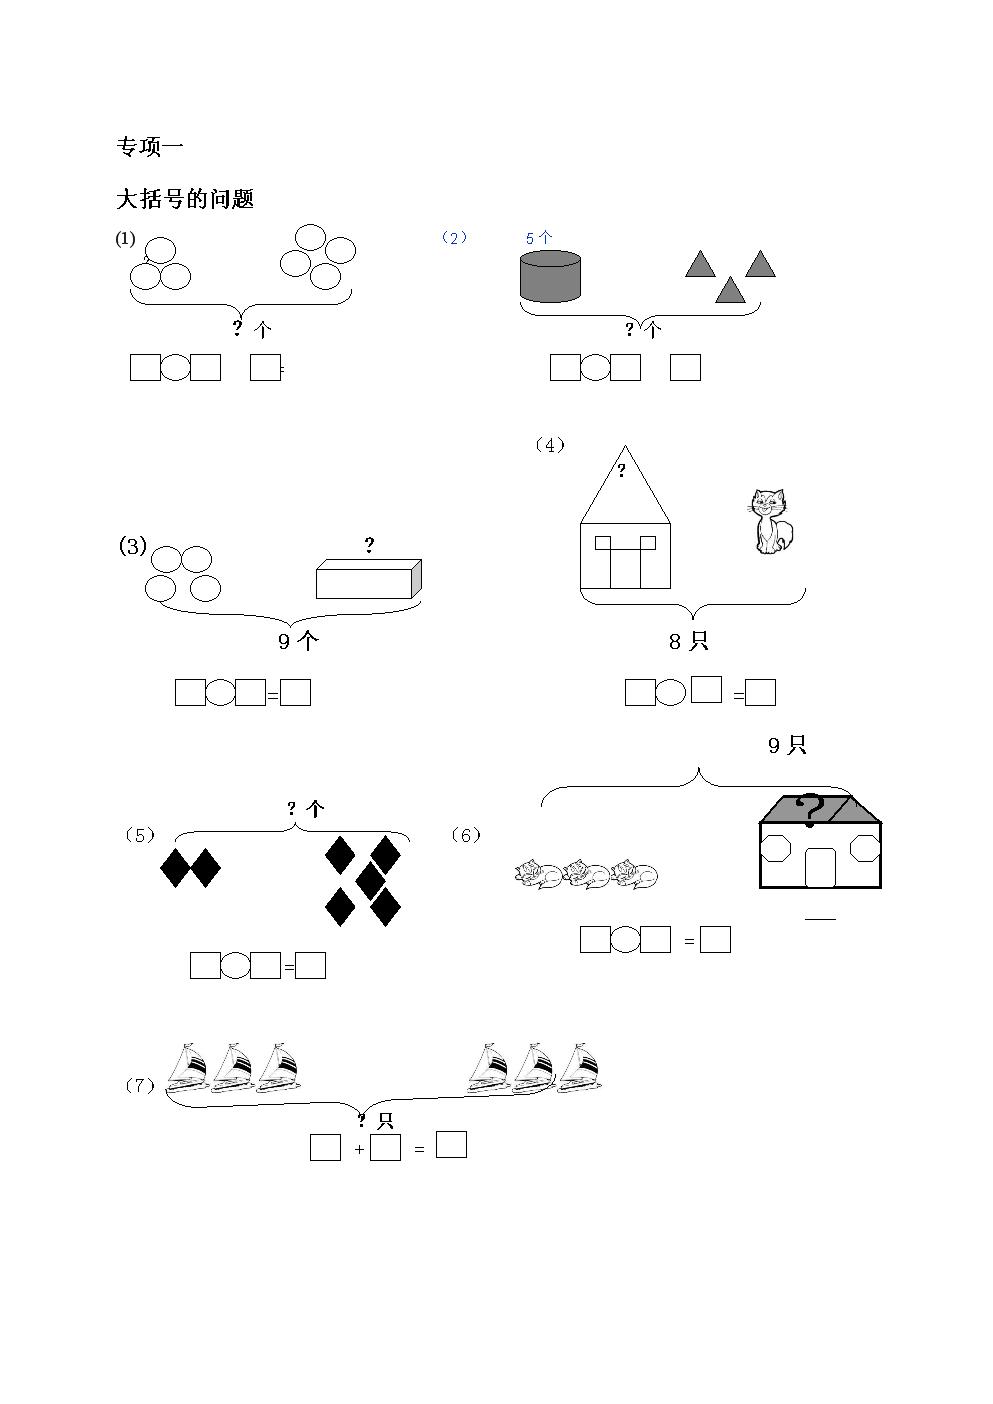 10以内加减看图列式练习可打印.doc图片